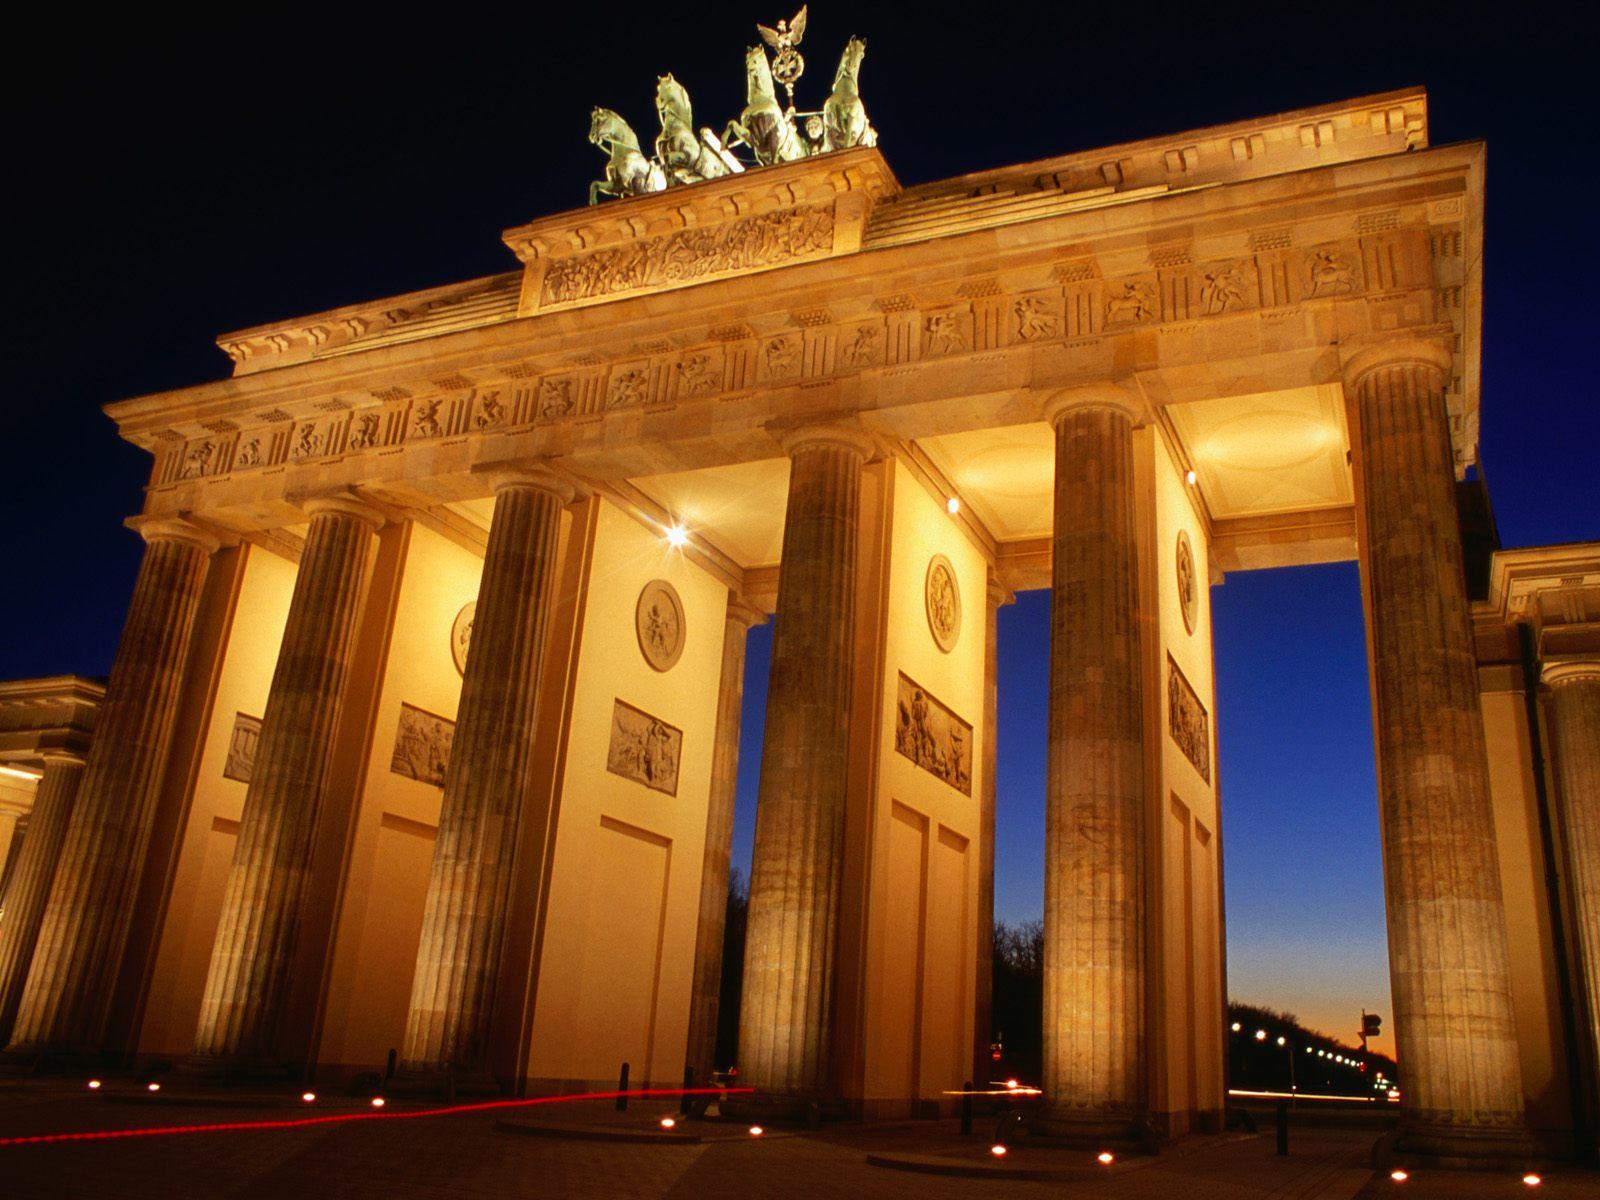 Интересное. Вокруг Света,Германия. альбоме, Фотографии, «Вокруг, СветаГермания», ЯндексФоткахltmore, dodjik007, Германию, Сегодня, Началась, здравствуйте, очередная, неделя, продолжается, привет